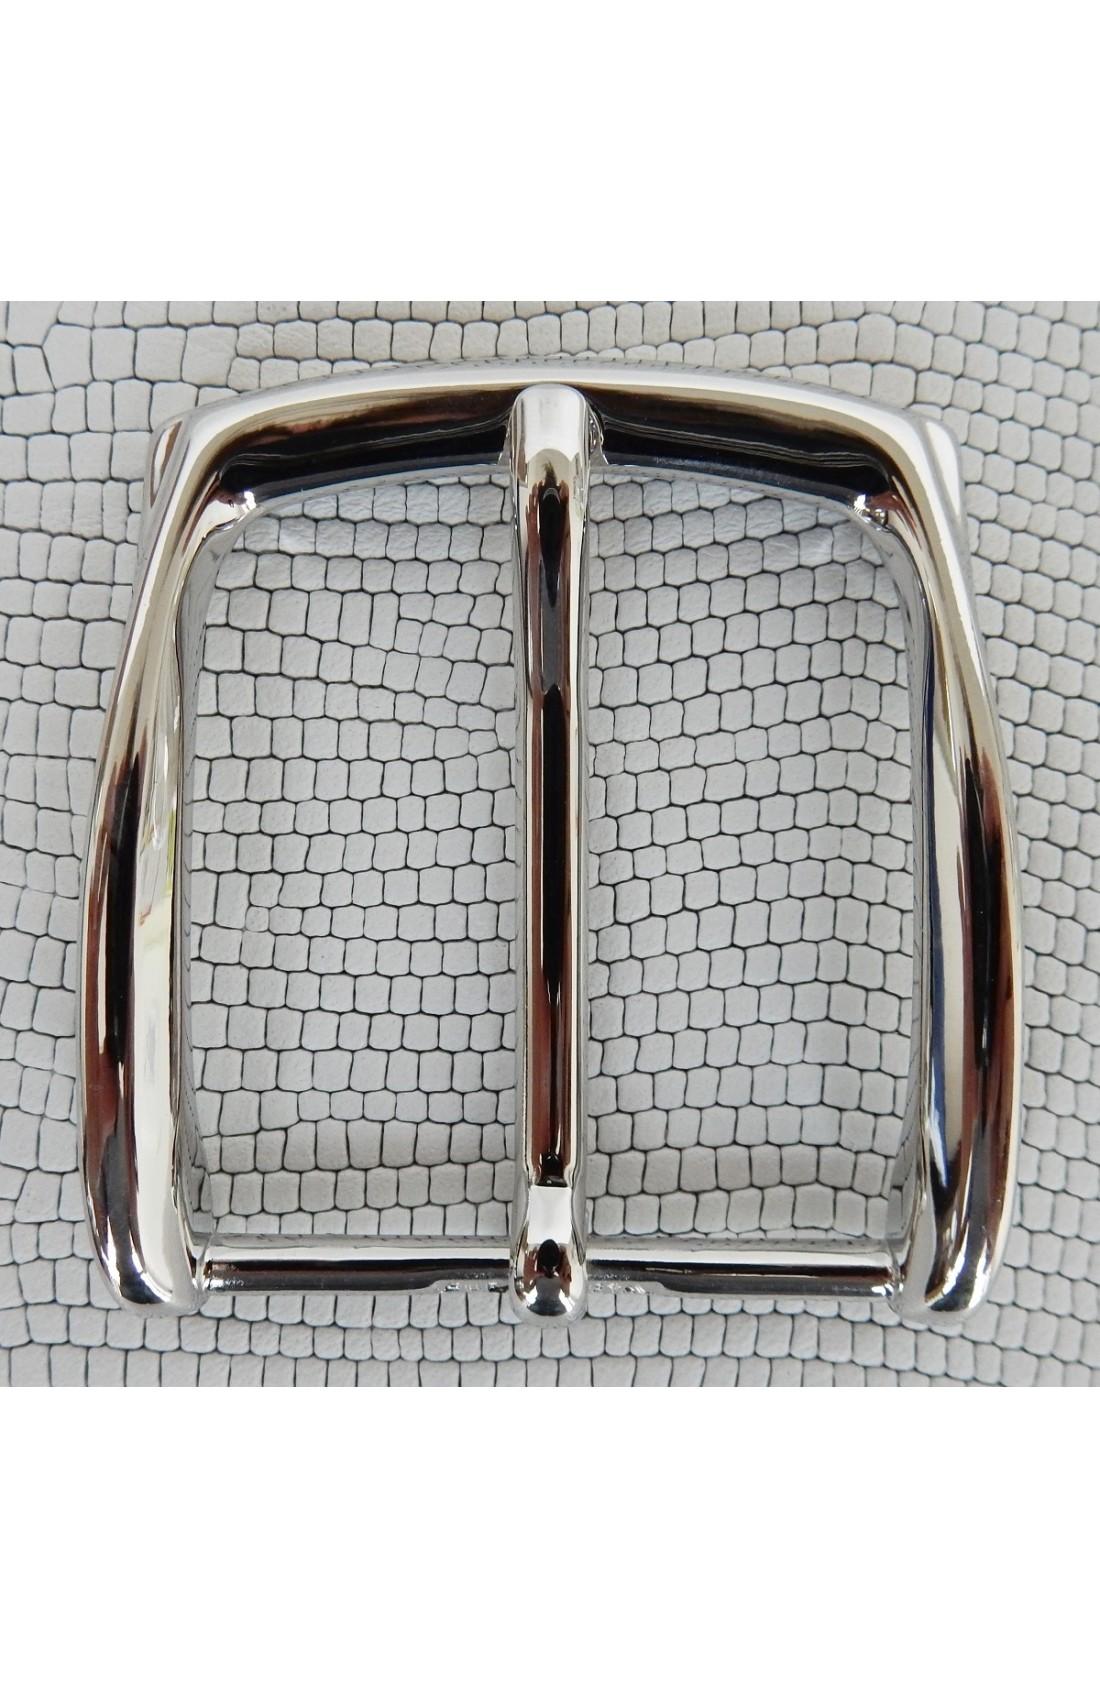 Fibbia Standard L 111 mm.35 nikel free (1)